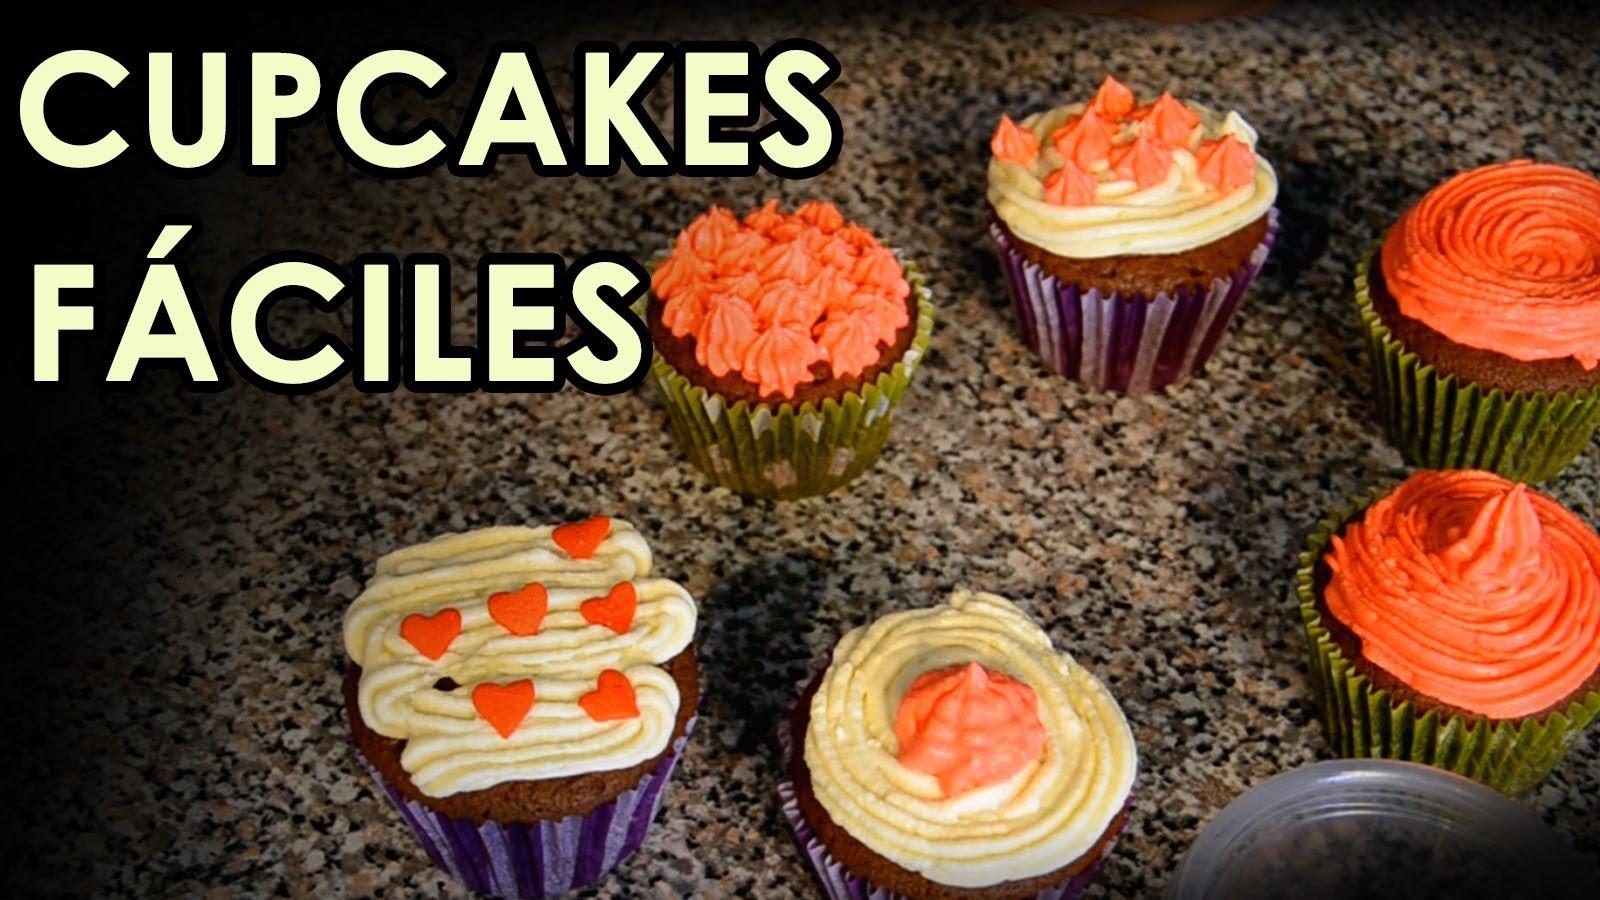 Recta de Cupcakes decorados muy rápida | Muffins panqué (Recetas de cocina faciles y deliciosas)